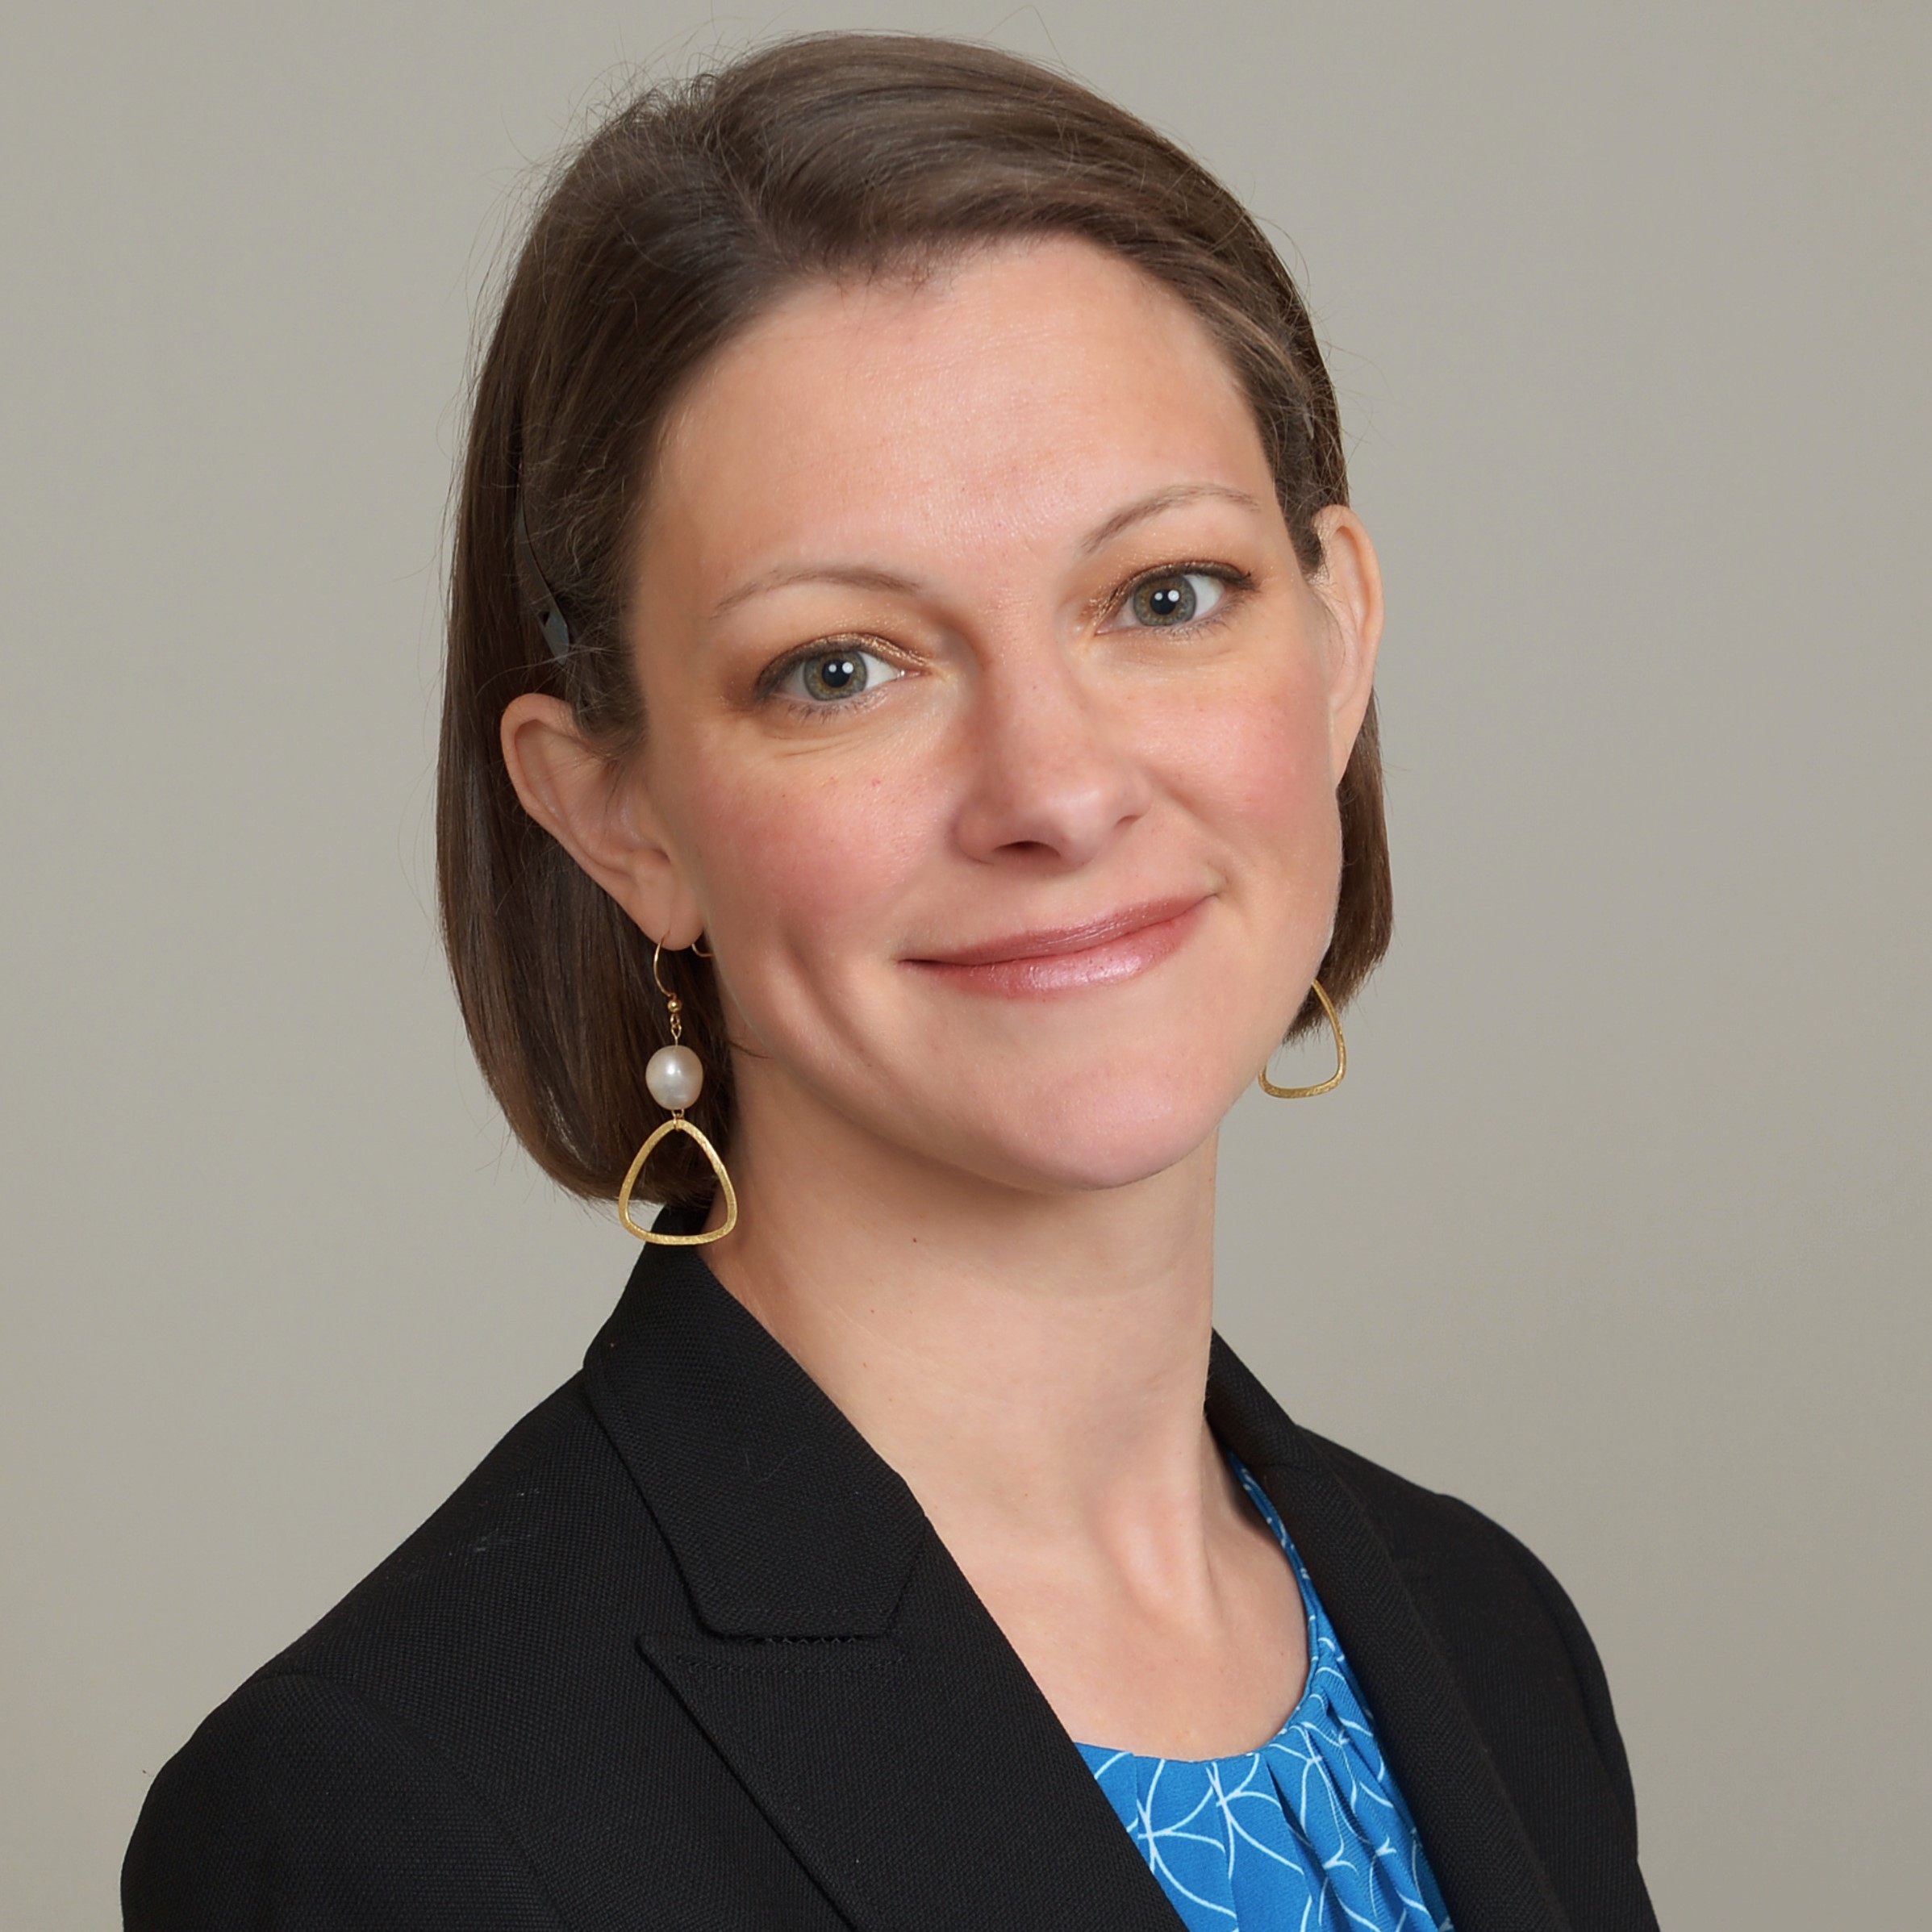 Kate Lindekugel